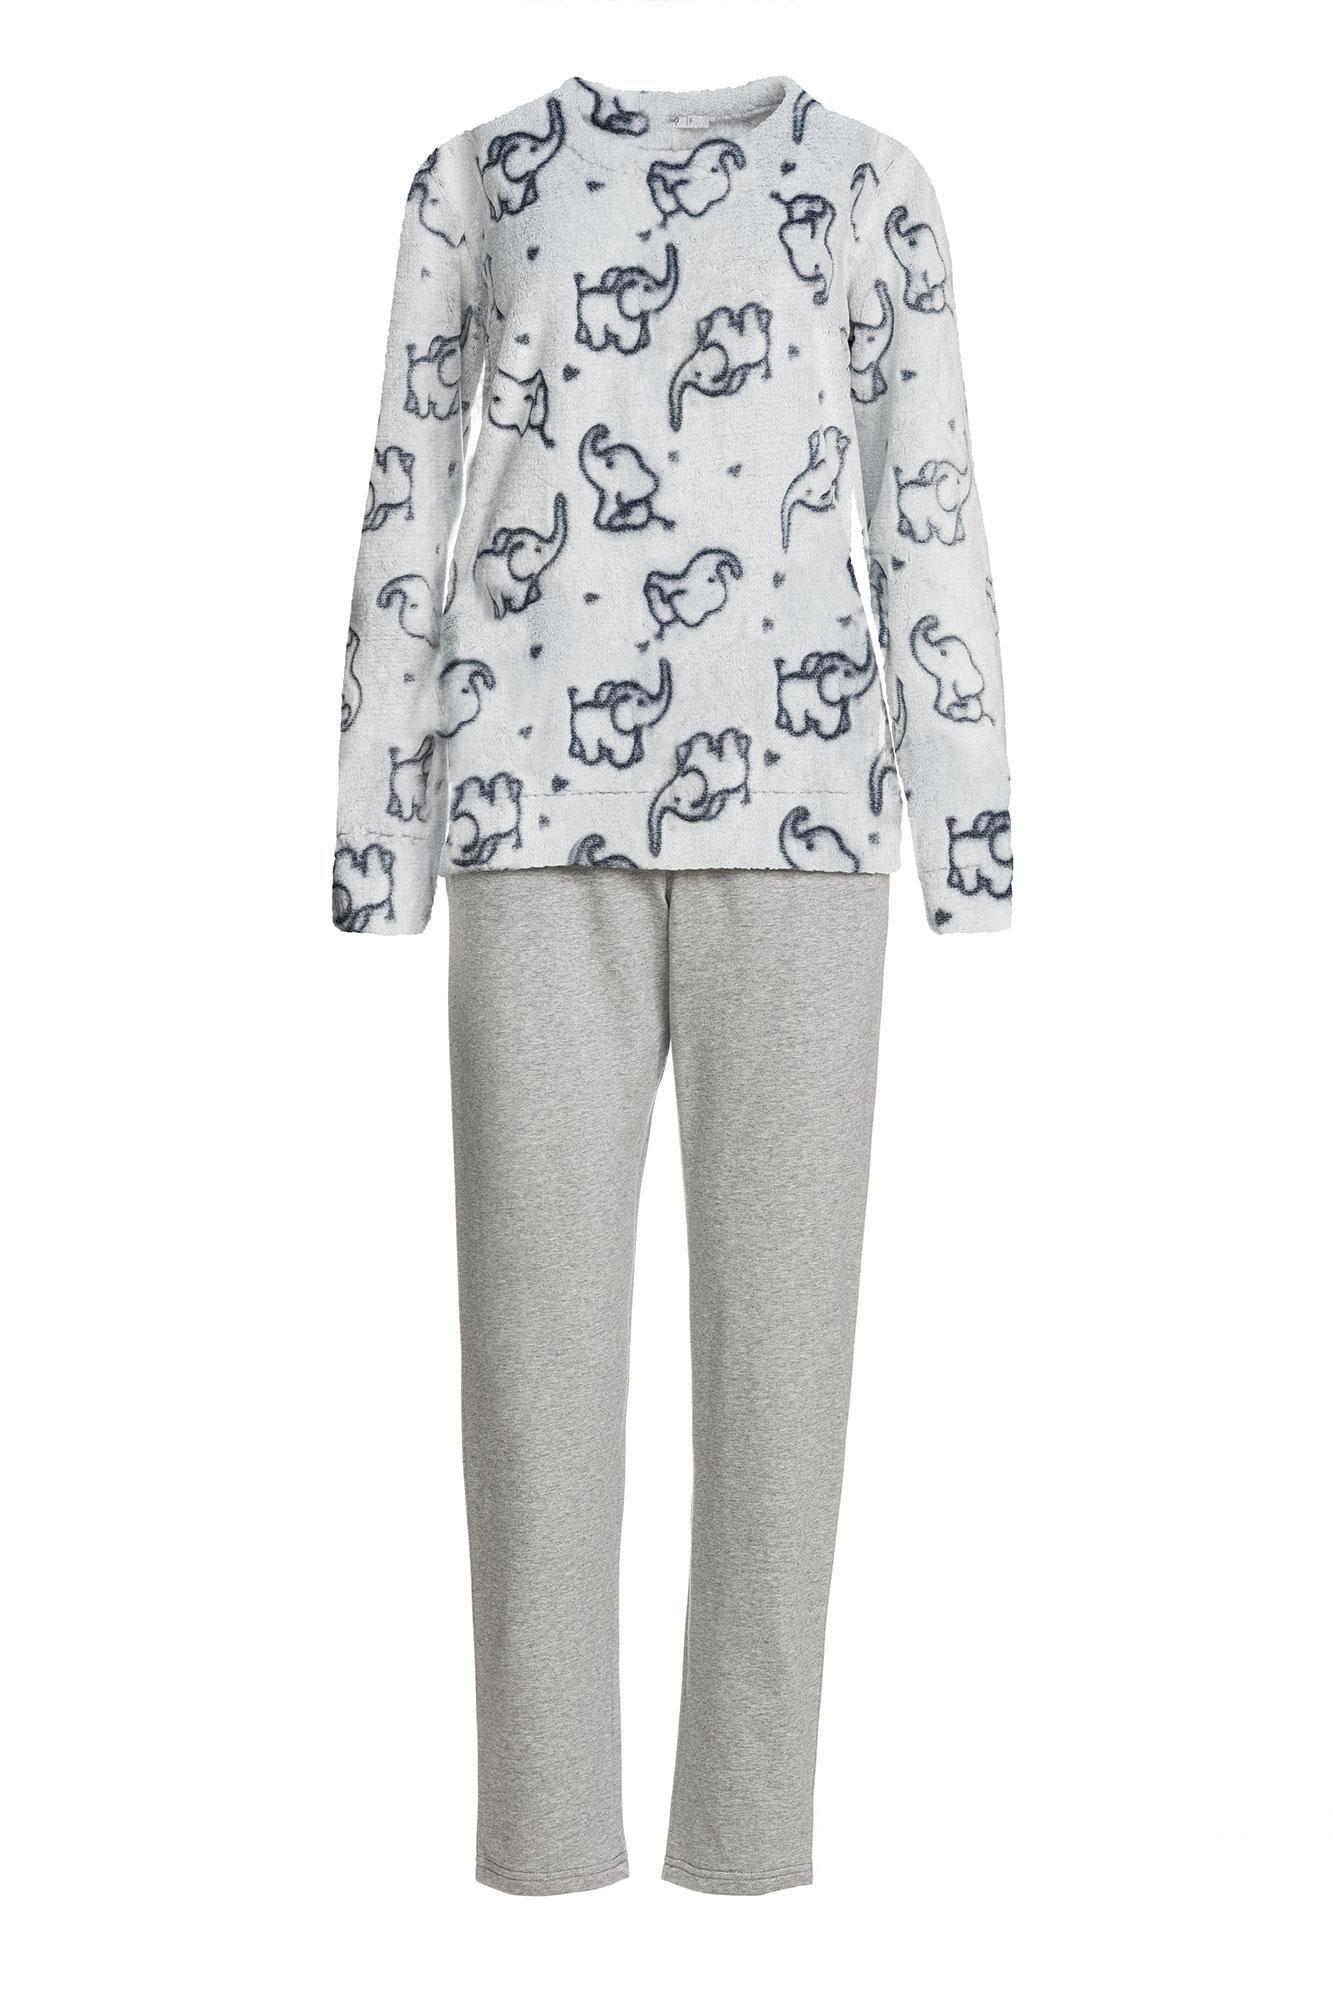 Γυναικεία Πυτζάμα Fleece Ελεφαντάκια